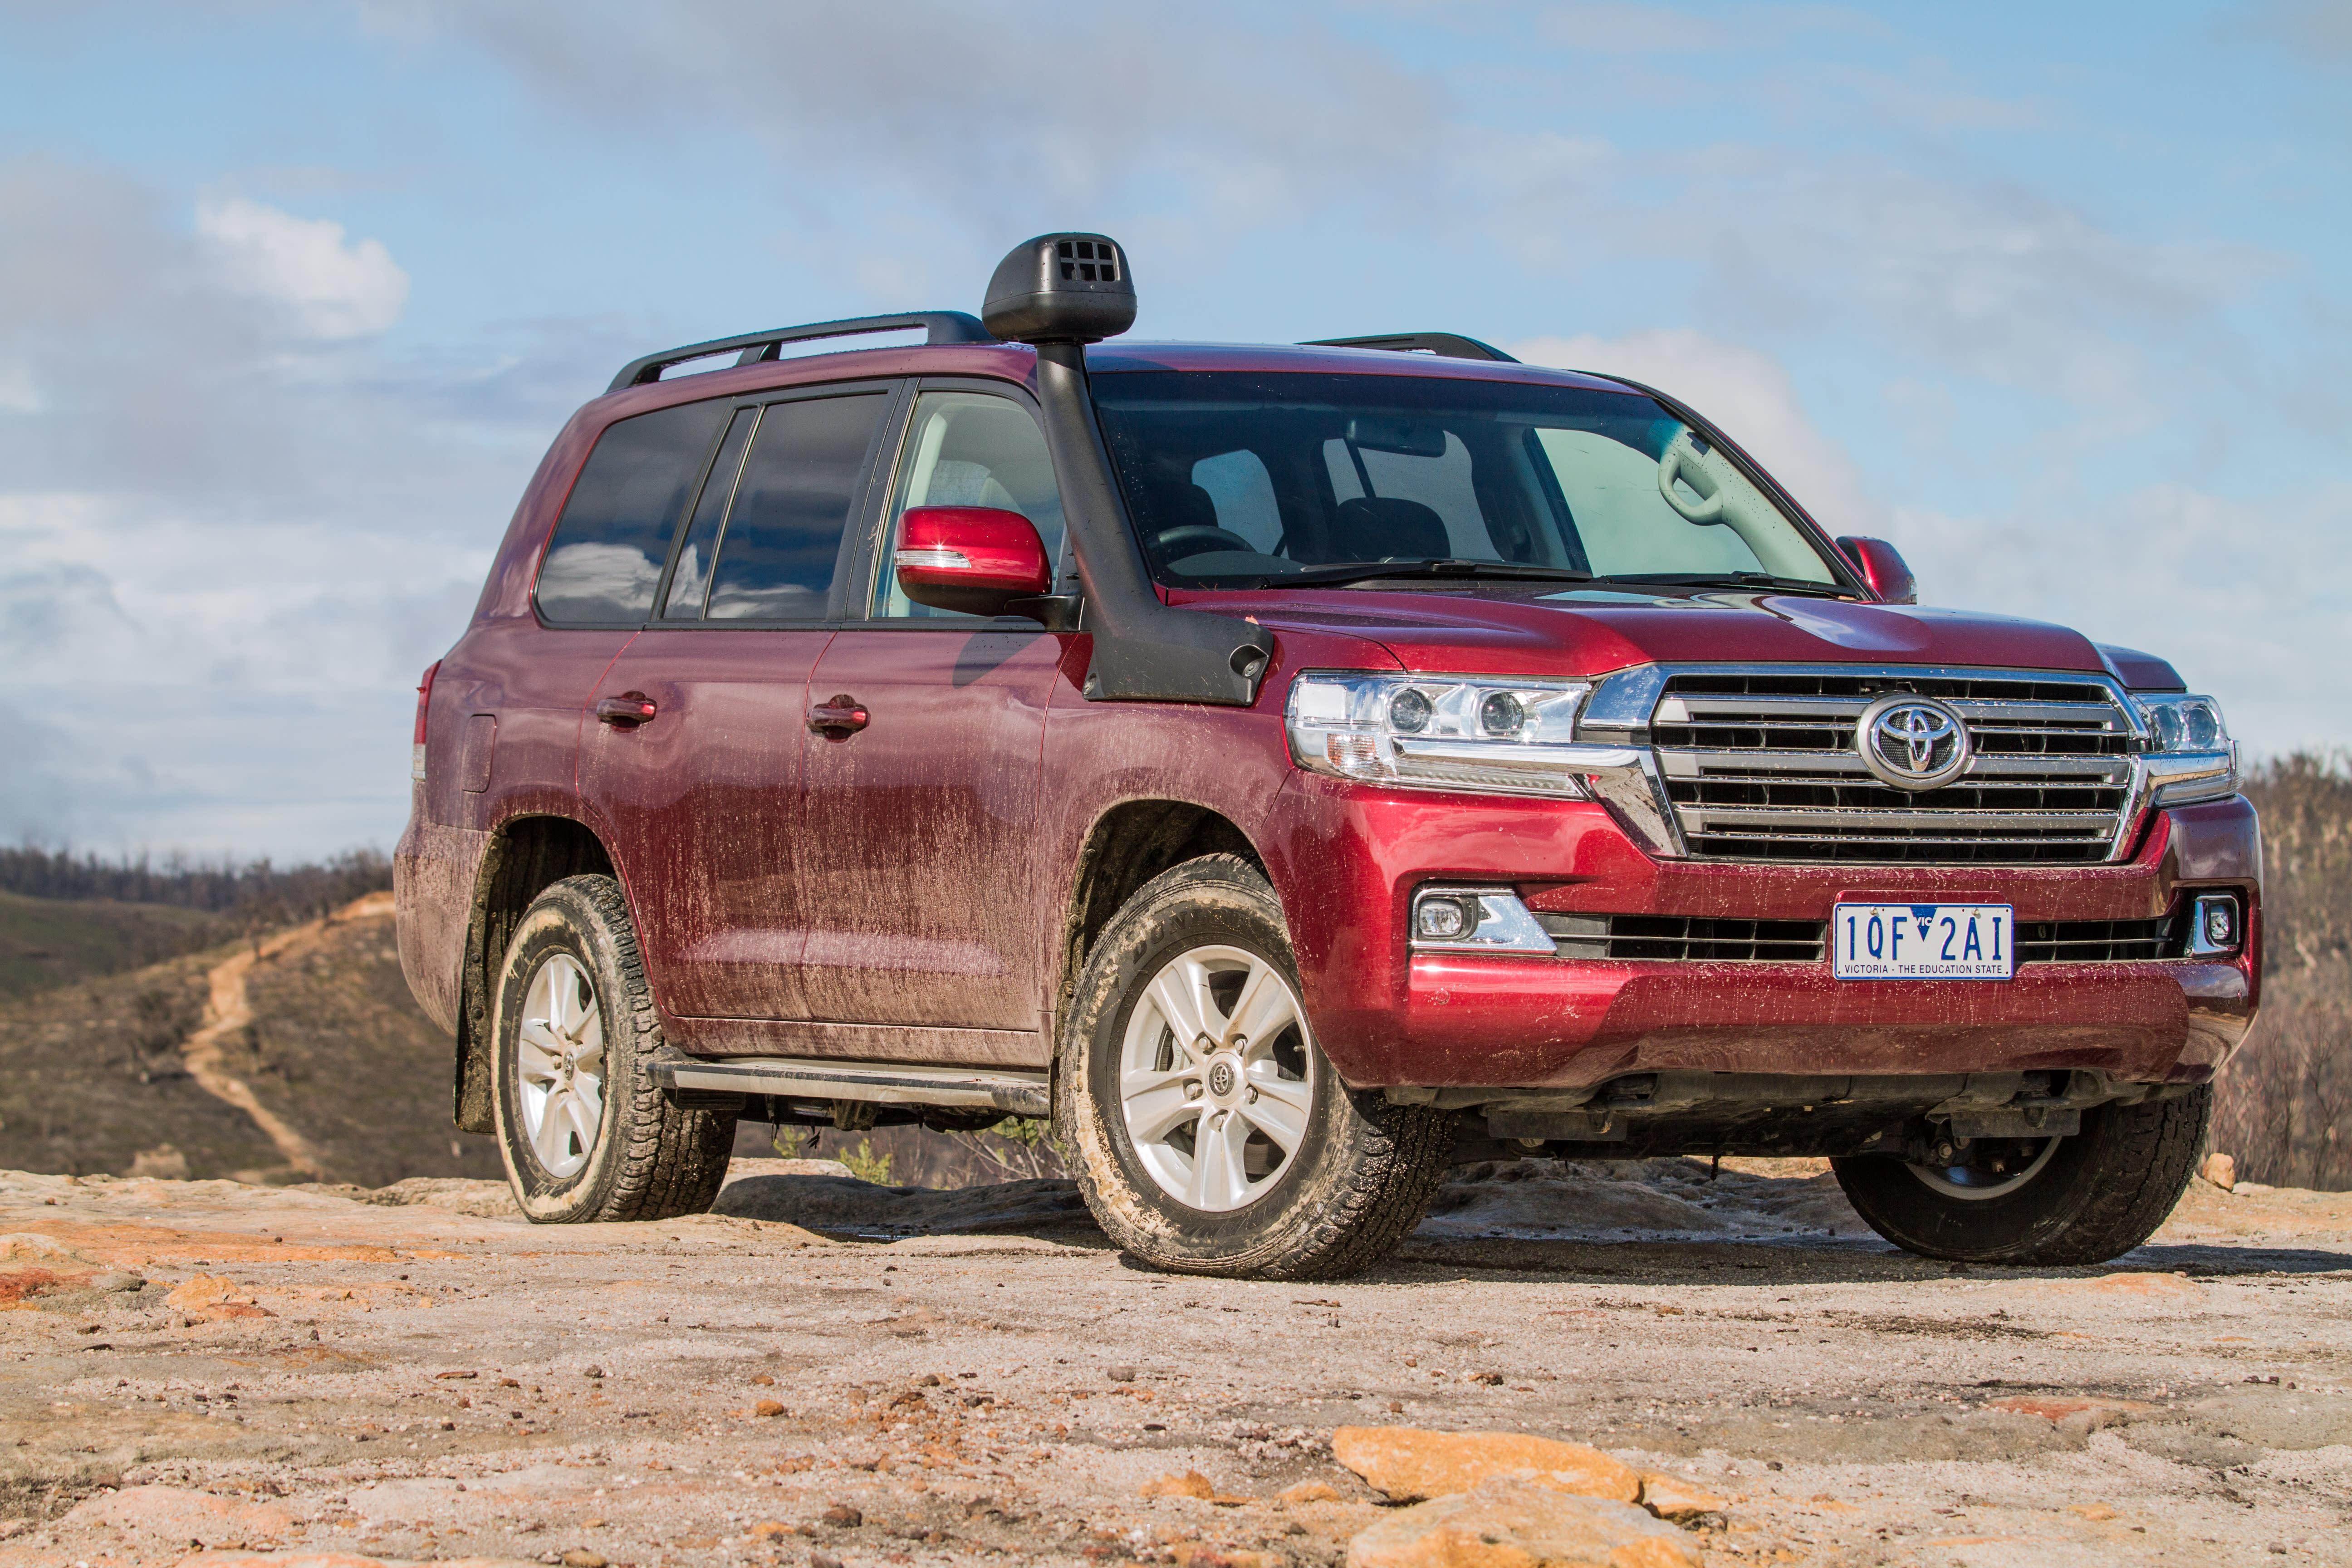 Toyota LandCruiser showroom blackout until 300 Series arrives